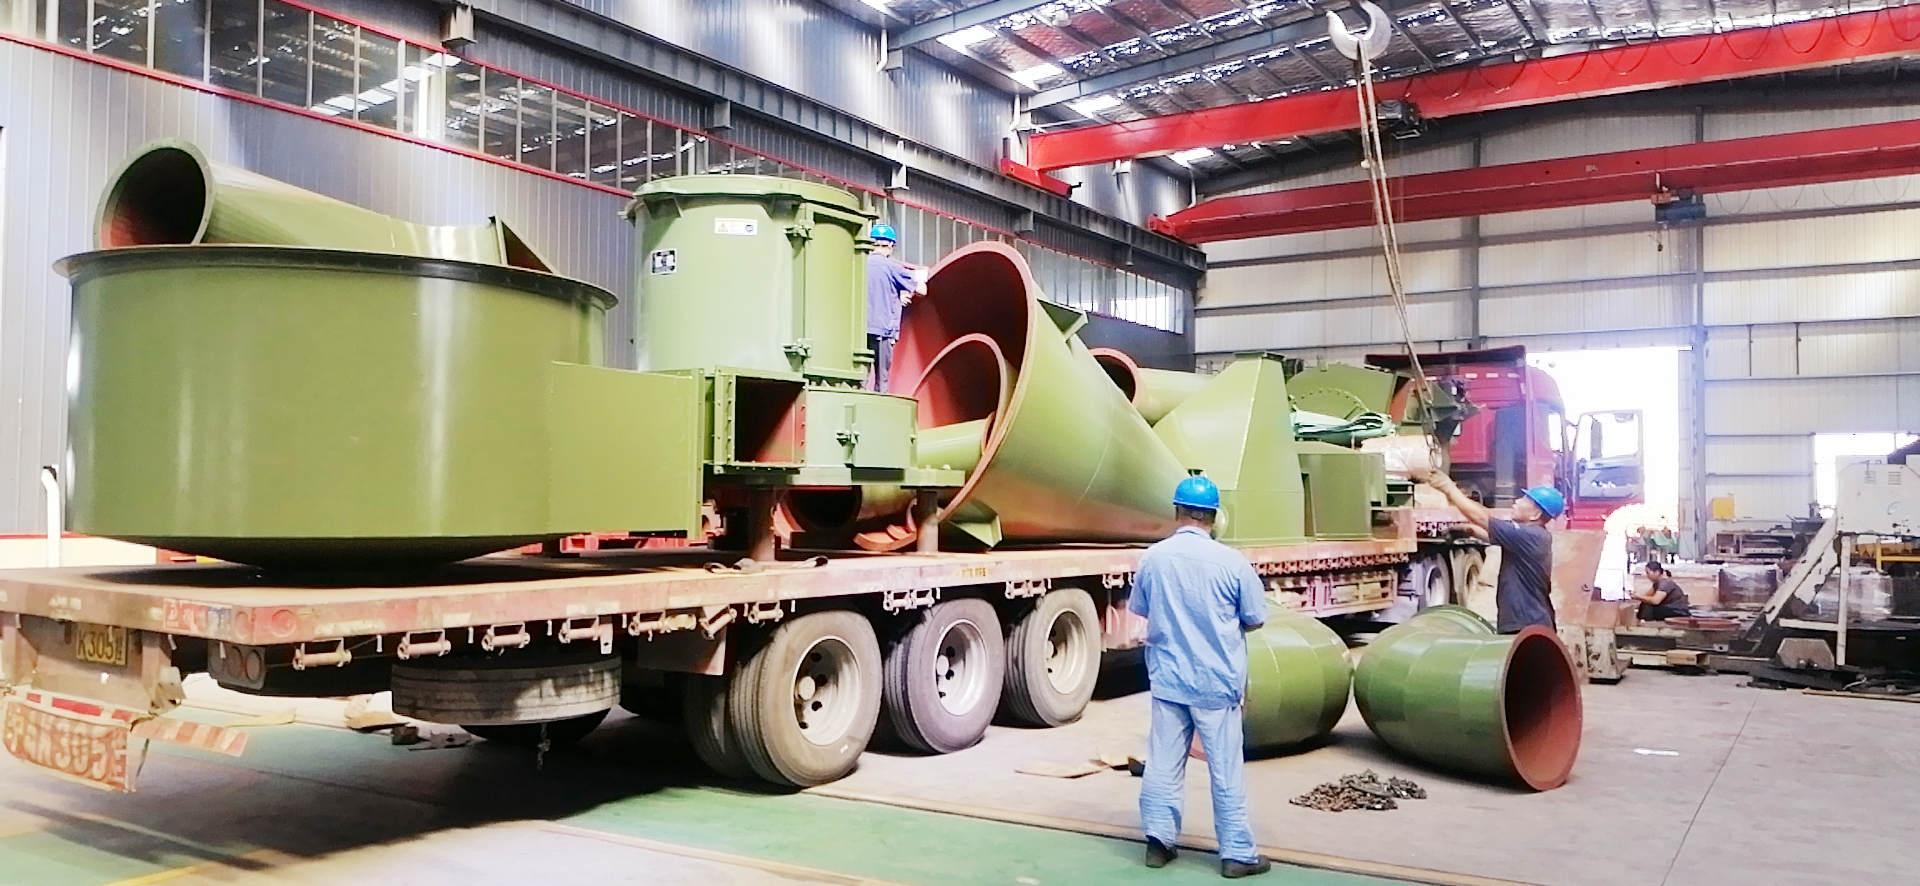 2019年9月7日磨粉机发货实况回顾-上海恒源冶金设备